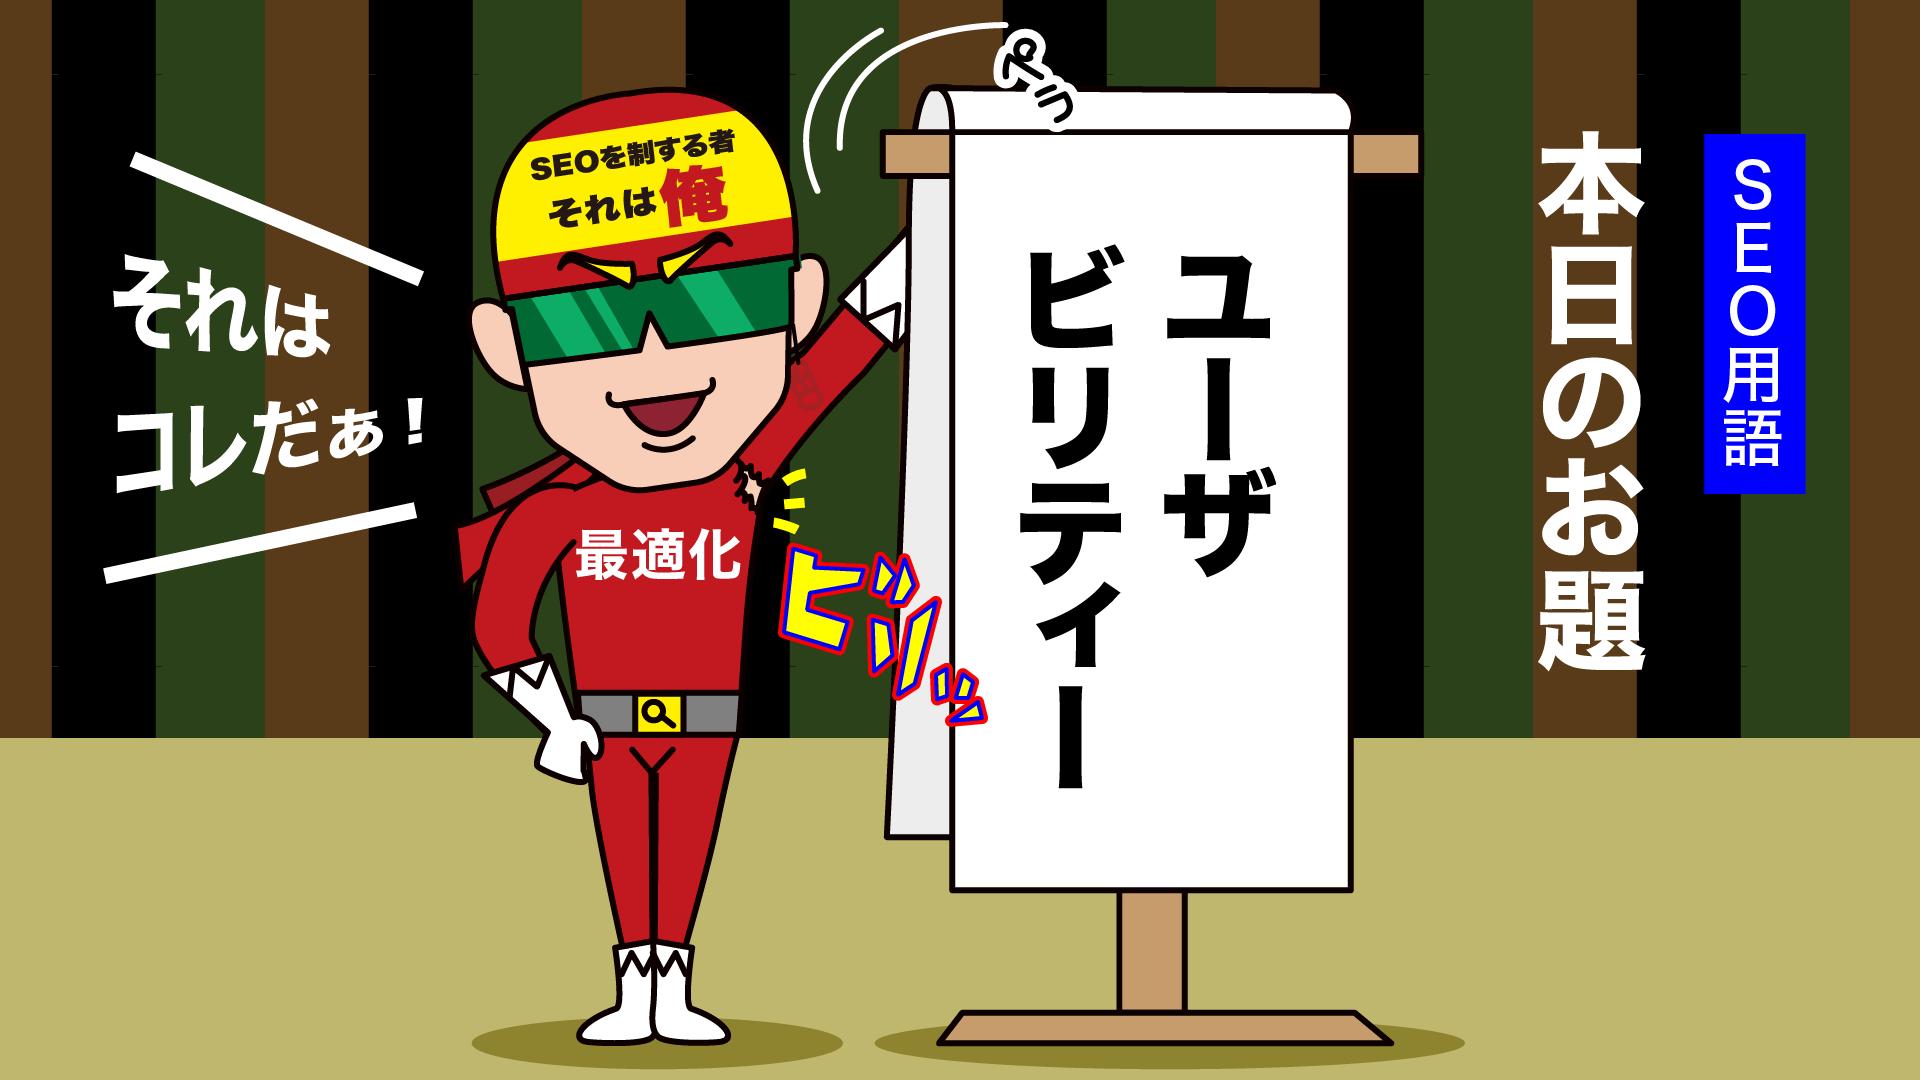 ユーザビリティ①‐漫画SEO用語集④